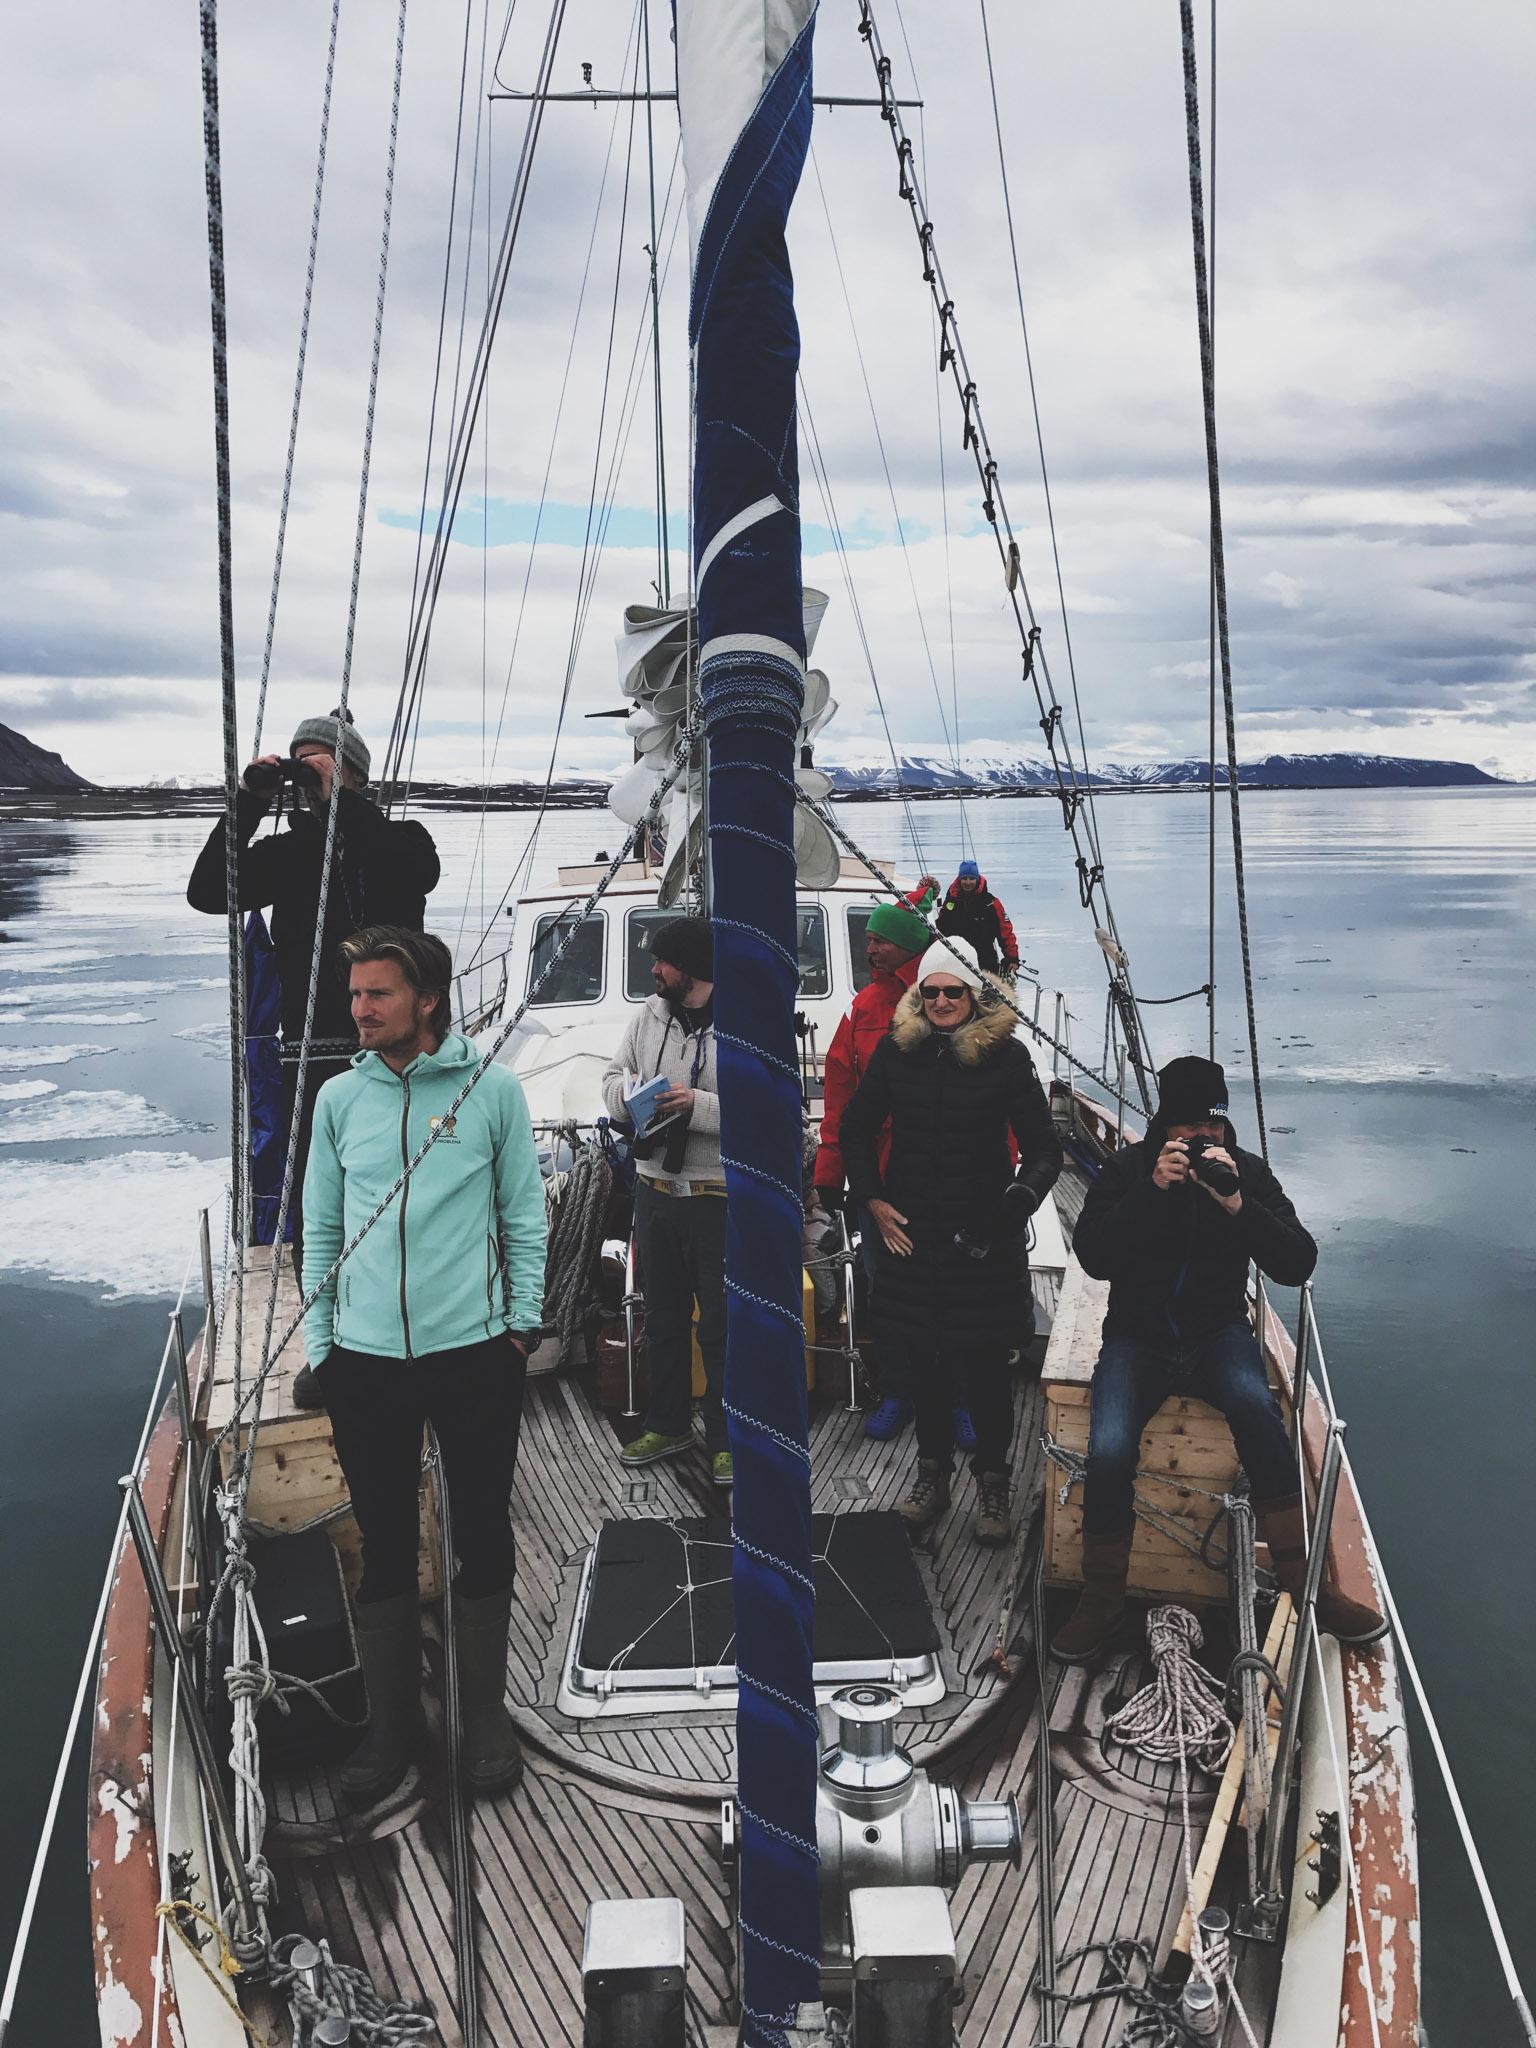 Svalbard_2018_Pukka_Perri_Rothenberg-142.jpg